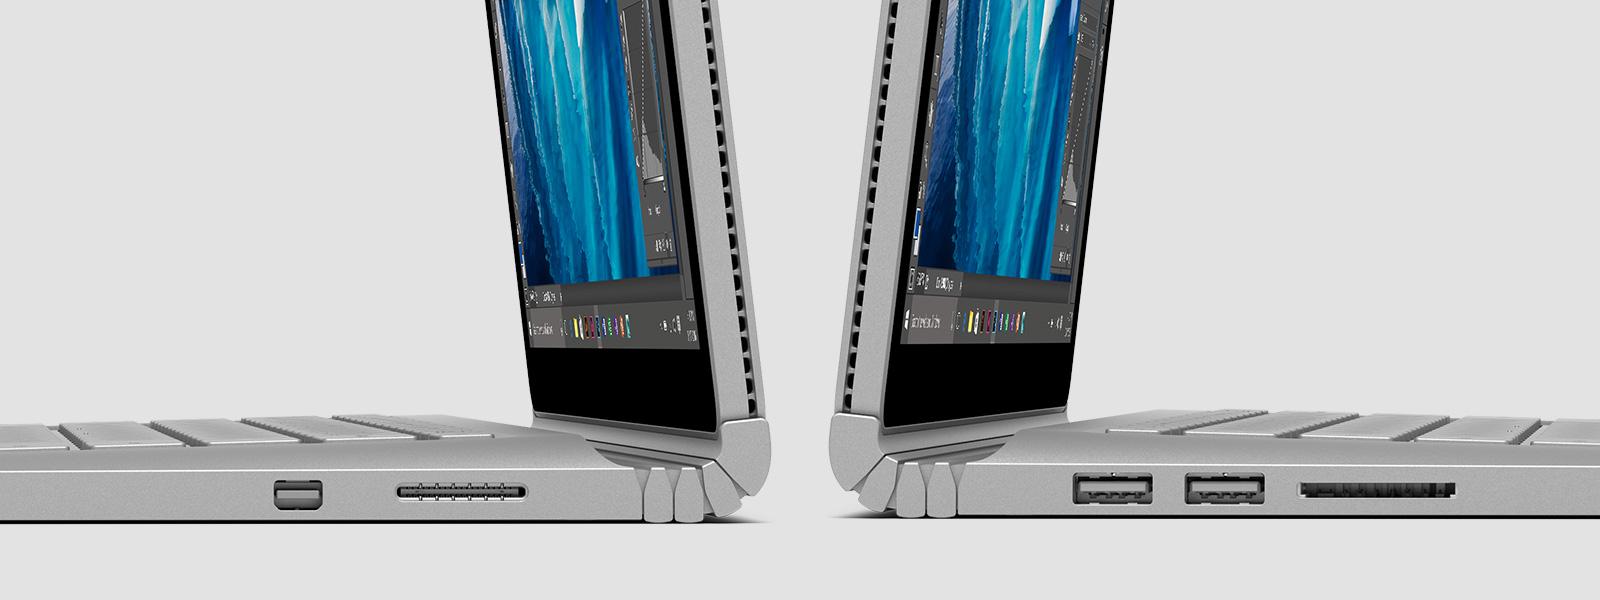 Twee Surface Books met de achterkanten tegen elkaar, gezien vanaf de zijkant met details van de hinge en externe poorten